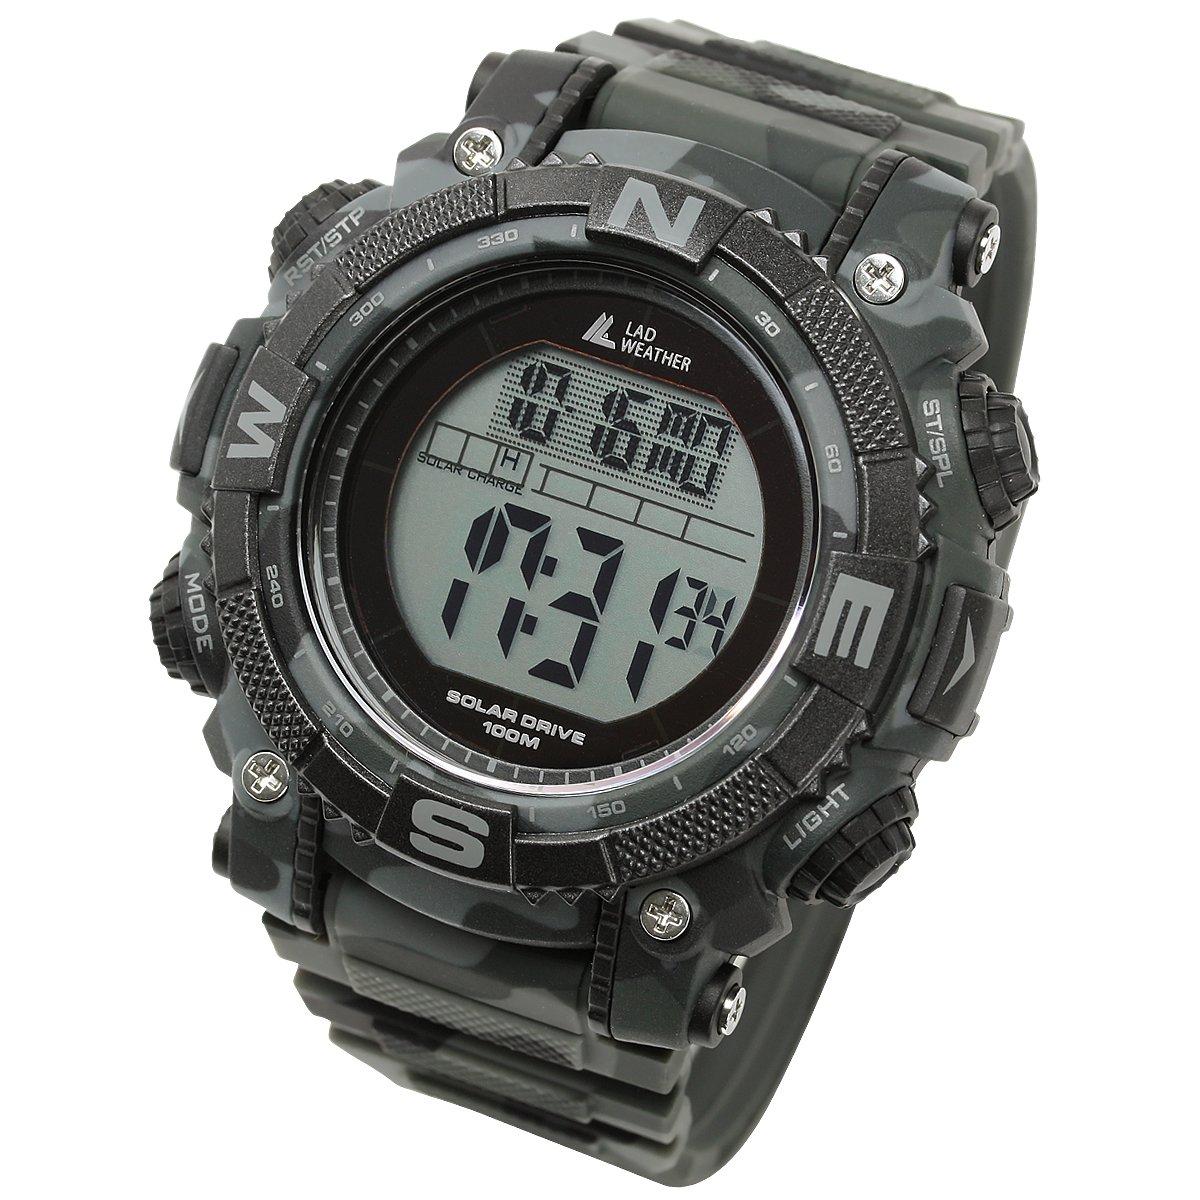 [Lad Weather] Reloj Digital con potente batería solar resistente al agua hasta 100metros SmartWatch Militar para Exterior